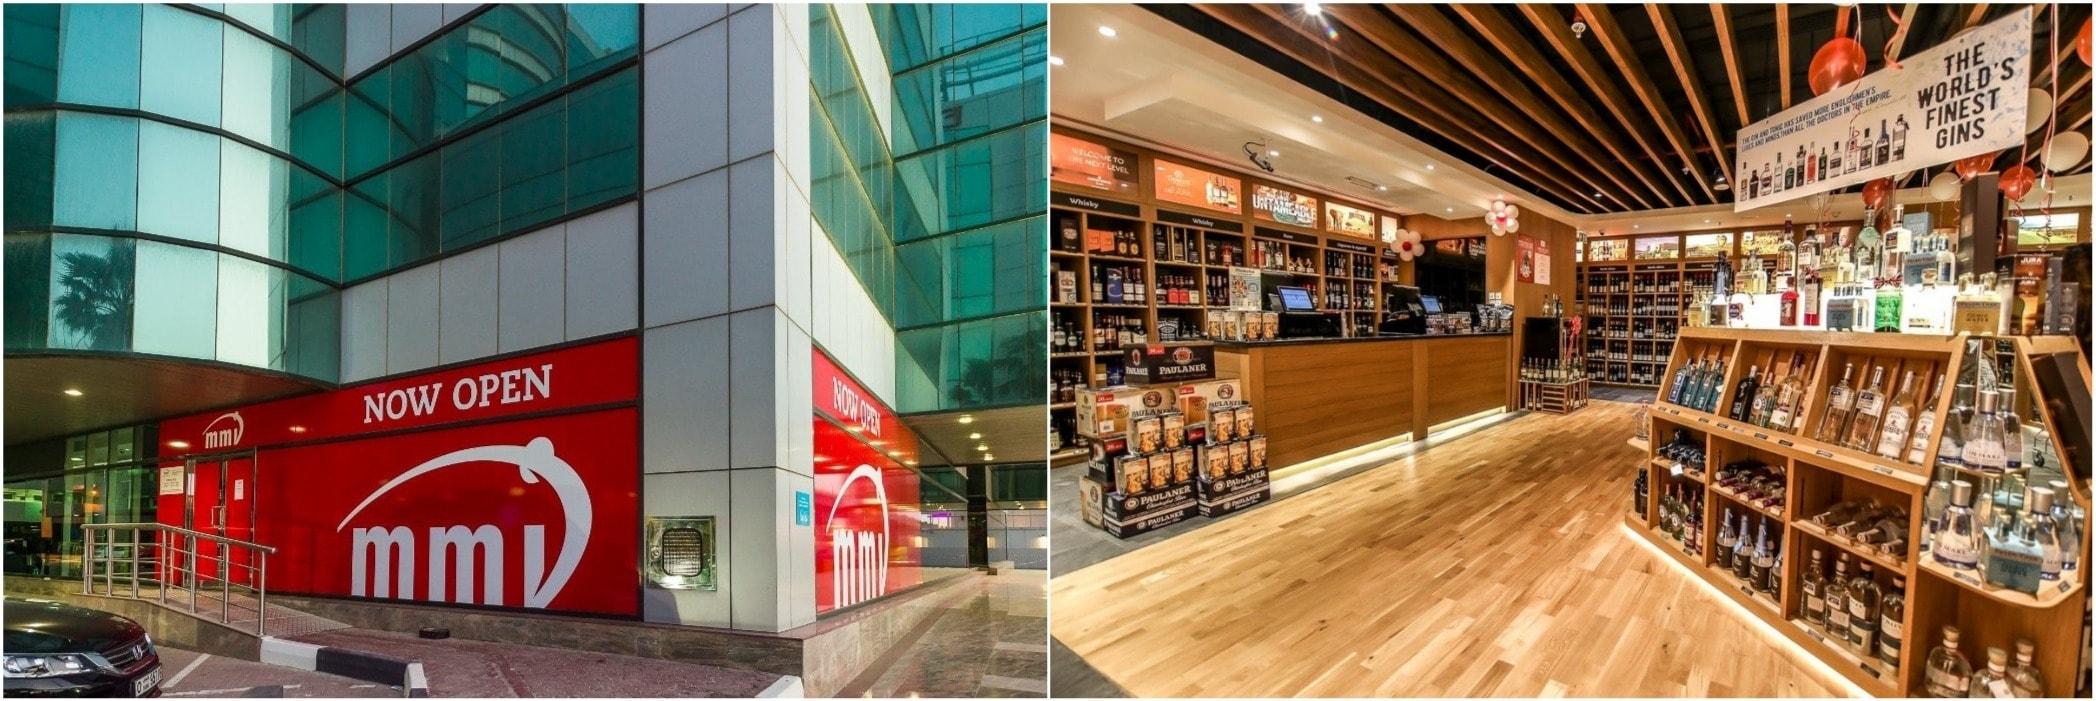 Алкоголь в бутылках продаётся только в специализированных магазинах, например в MMI.